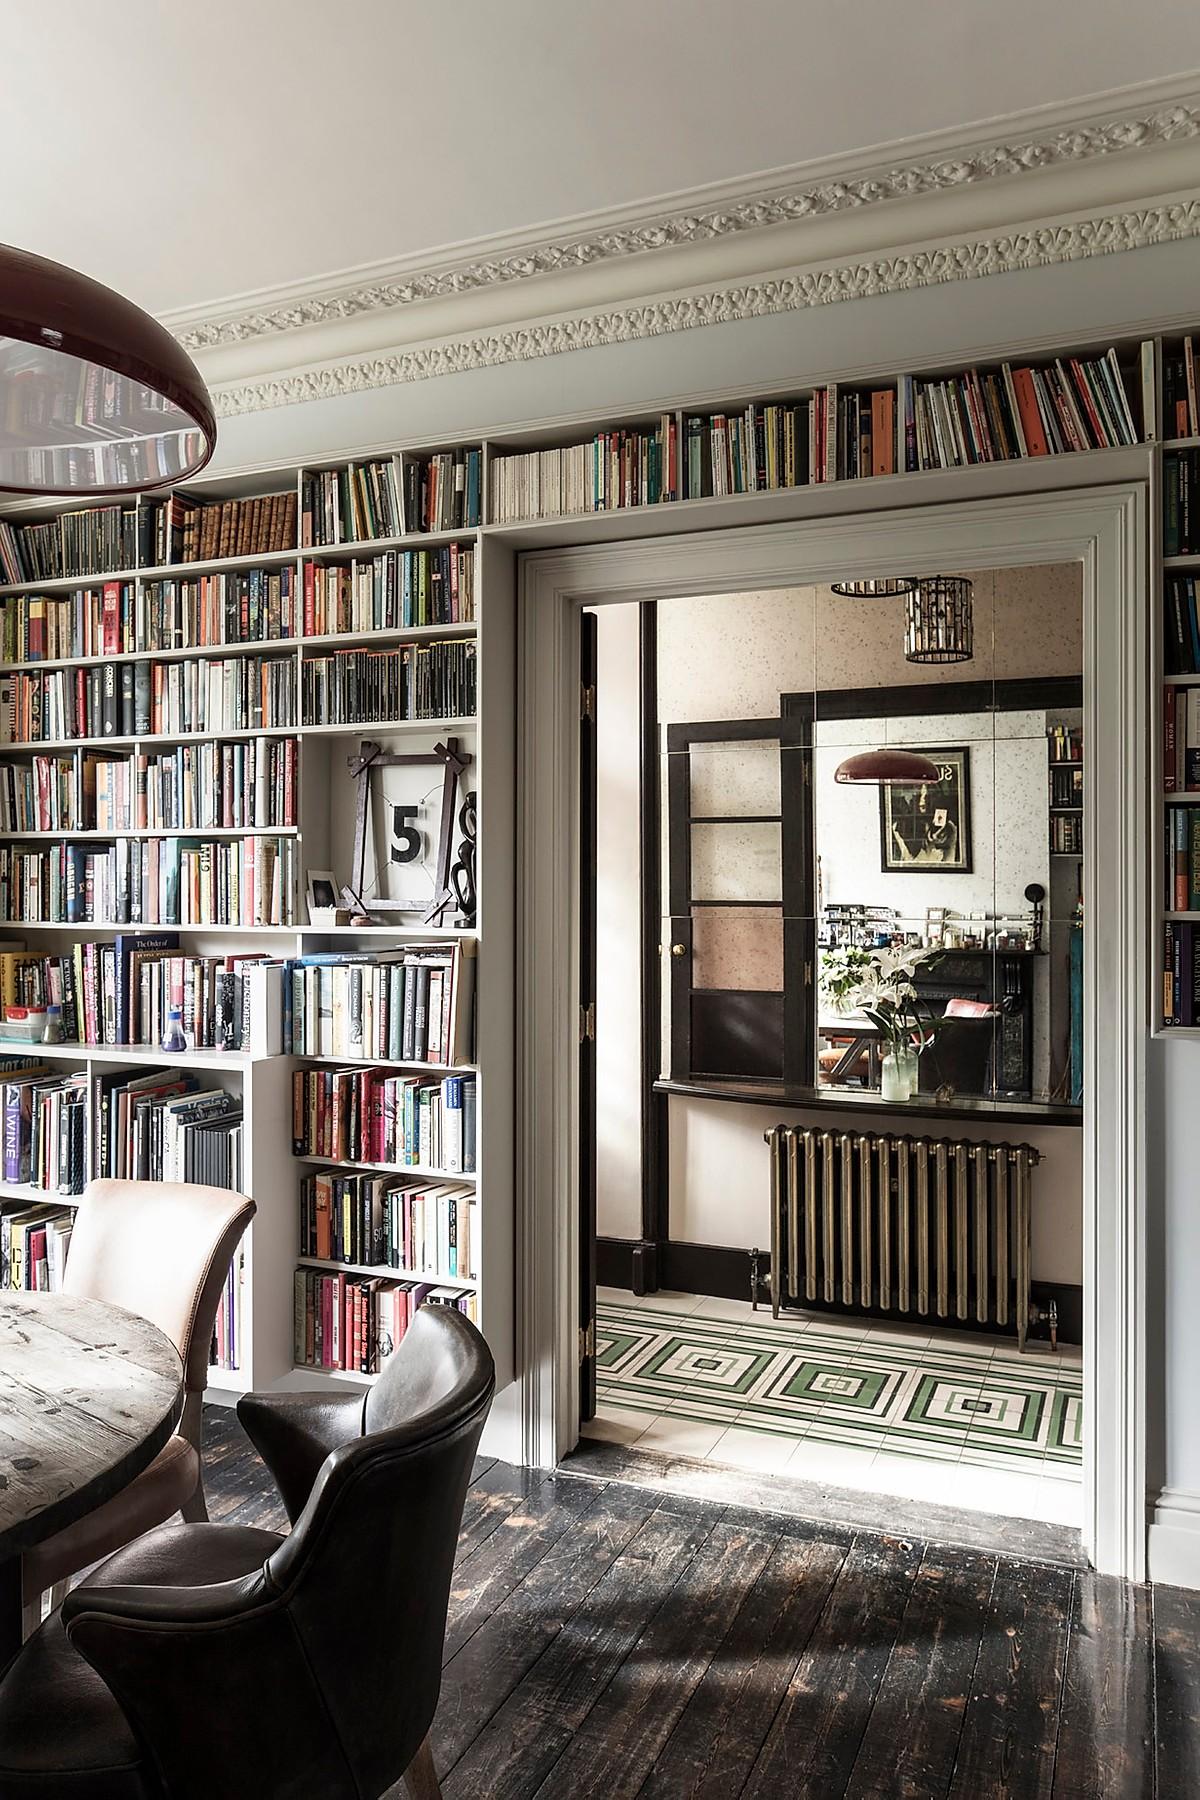 many books in the bookshelves